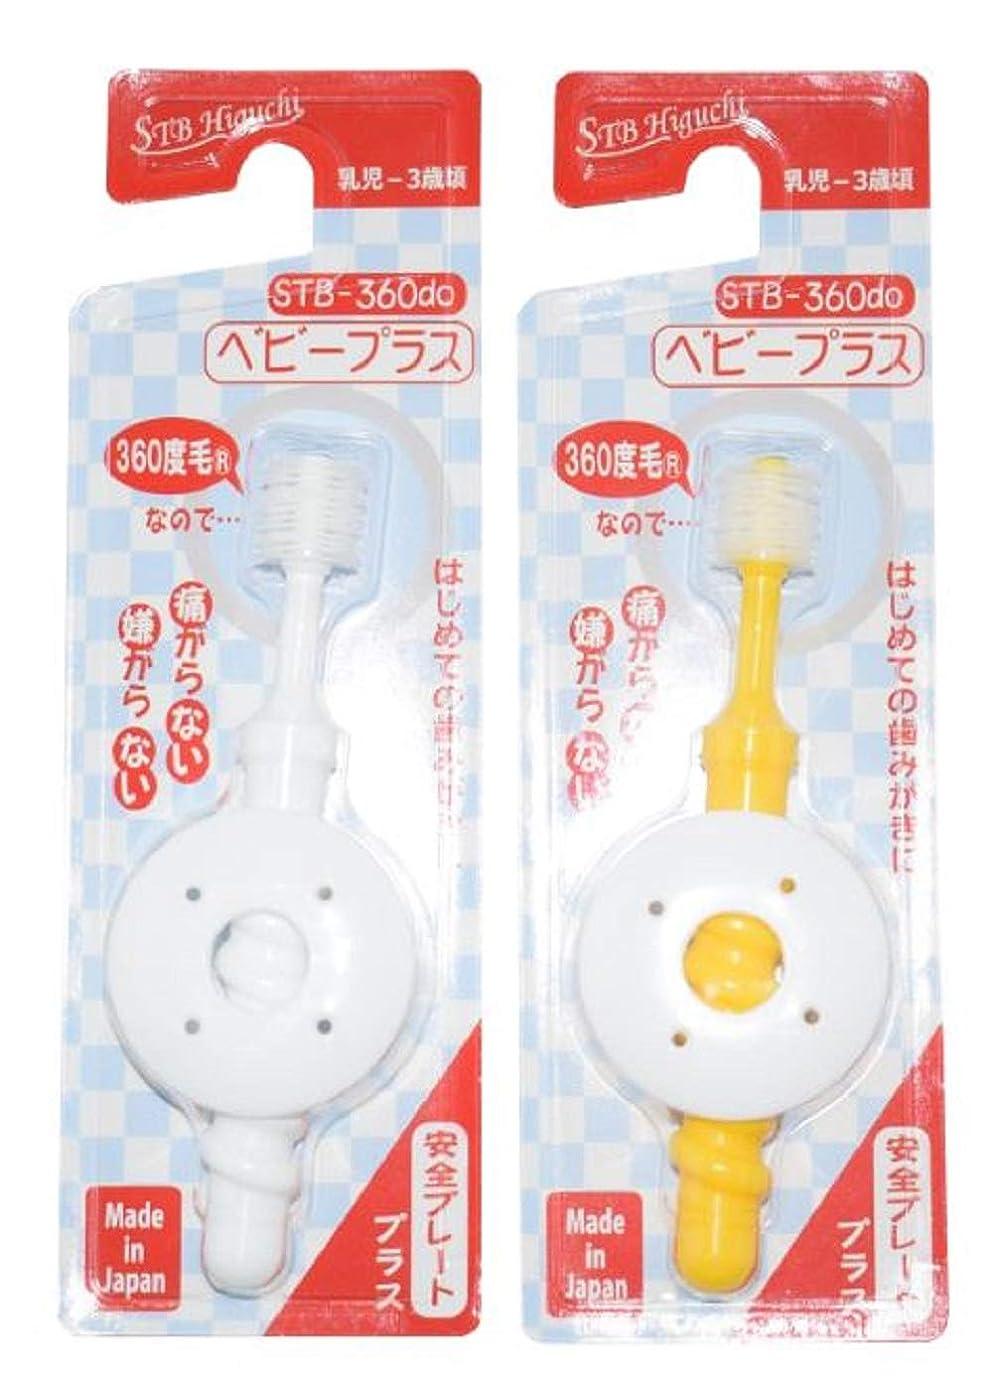 リーダーシップ鼓舞する合理的STB-360do ベビープラス 2本セット 喉付き防止 安全パーツ付き幼児用